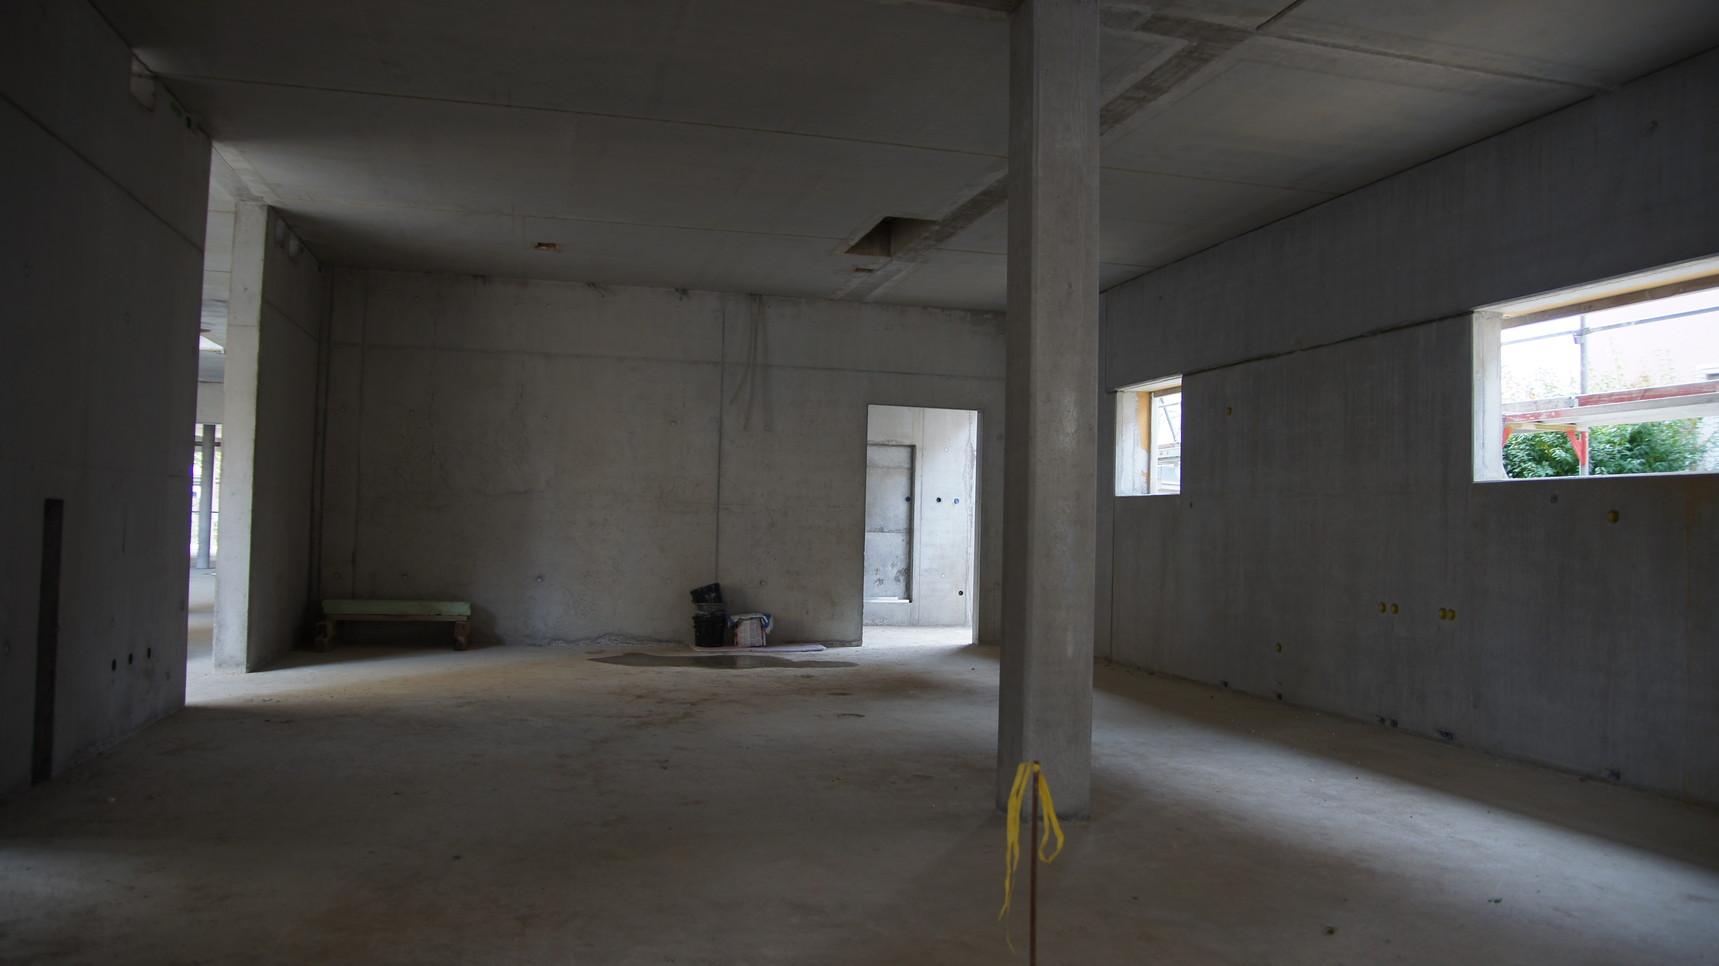 Küche, Vorratsraum und Behinderten-WC